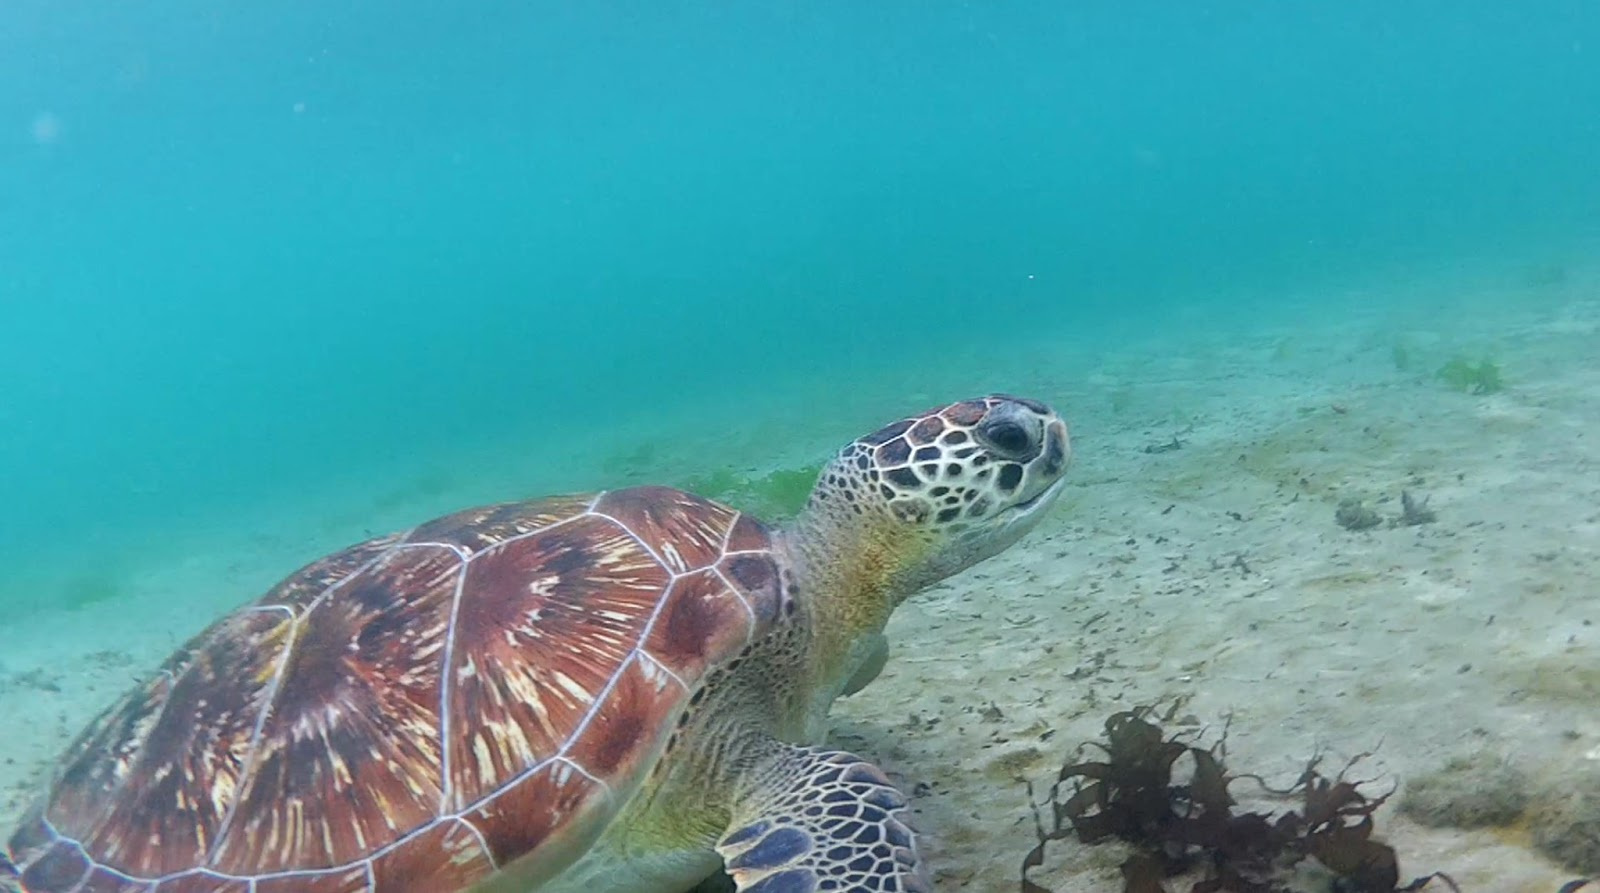 martinique caraibes vacances île dom tom visite anse dufour tortue plage snorkeling masque tuba turtle